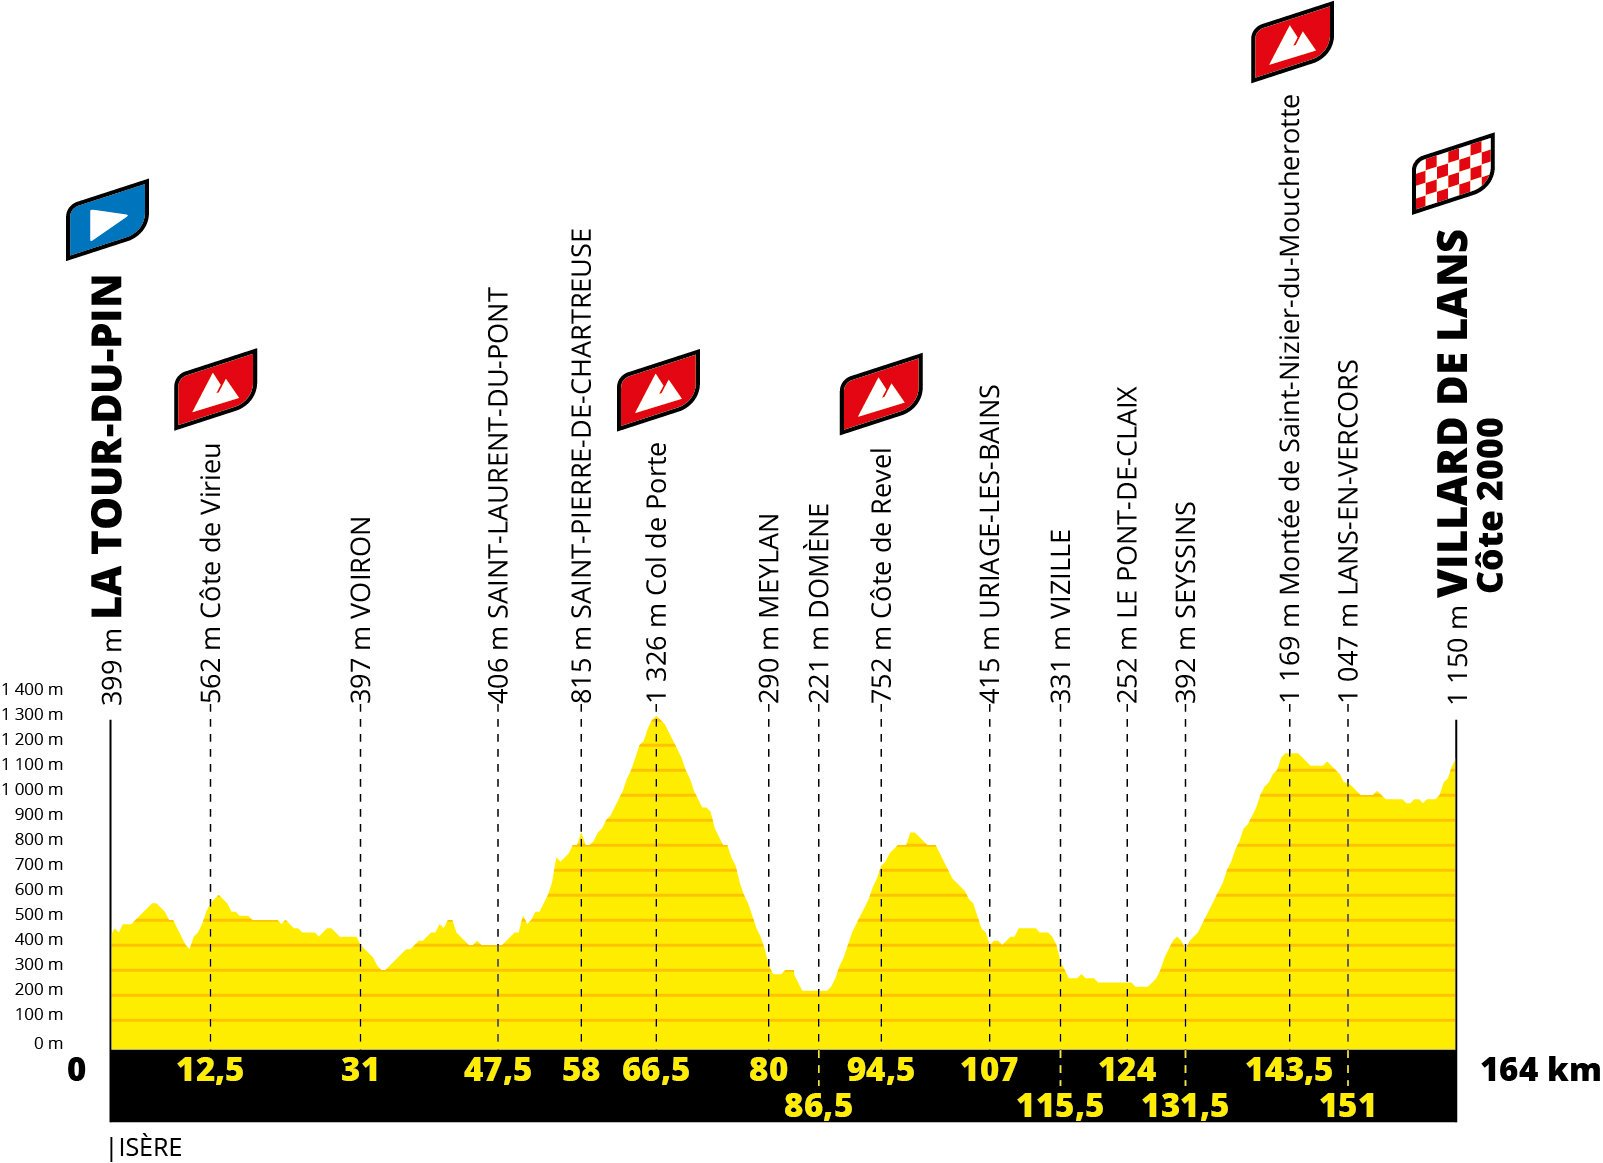 Etapa 16 Tour de Francia 2020. La Tour du Pin y Villard de Lans